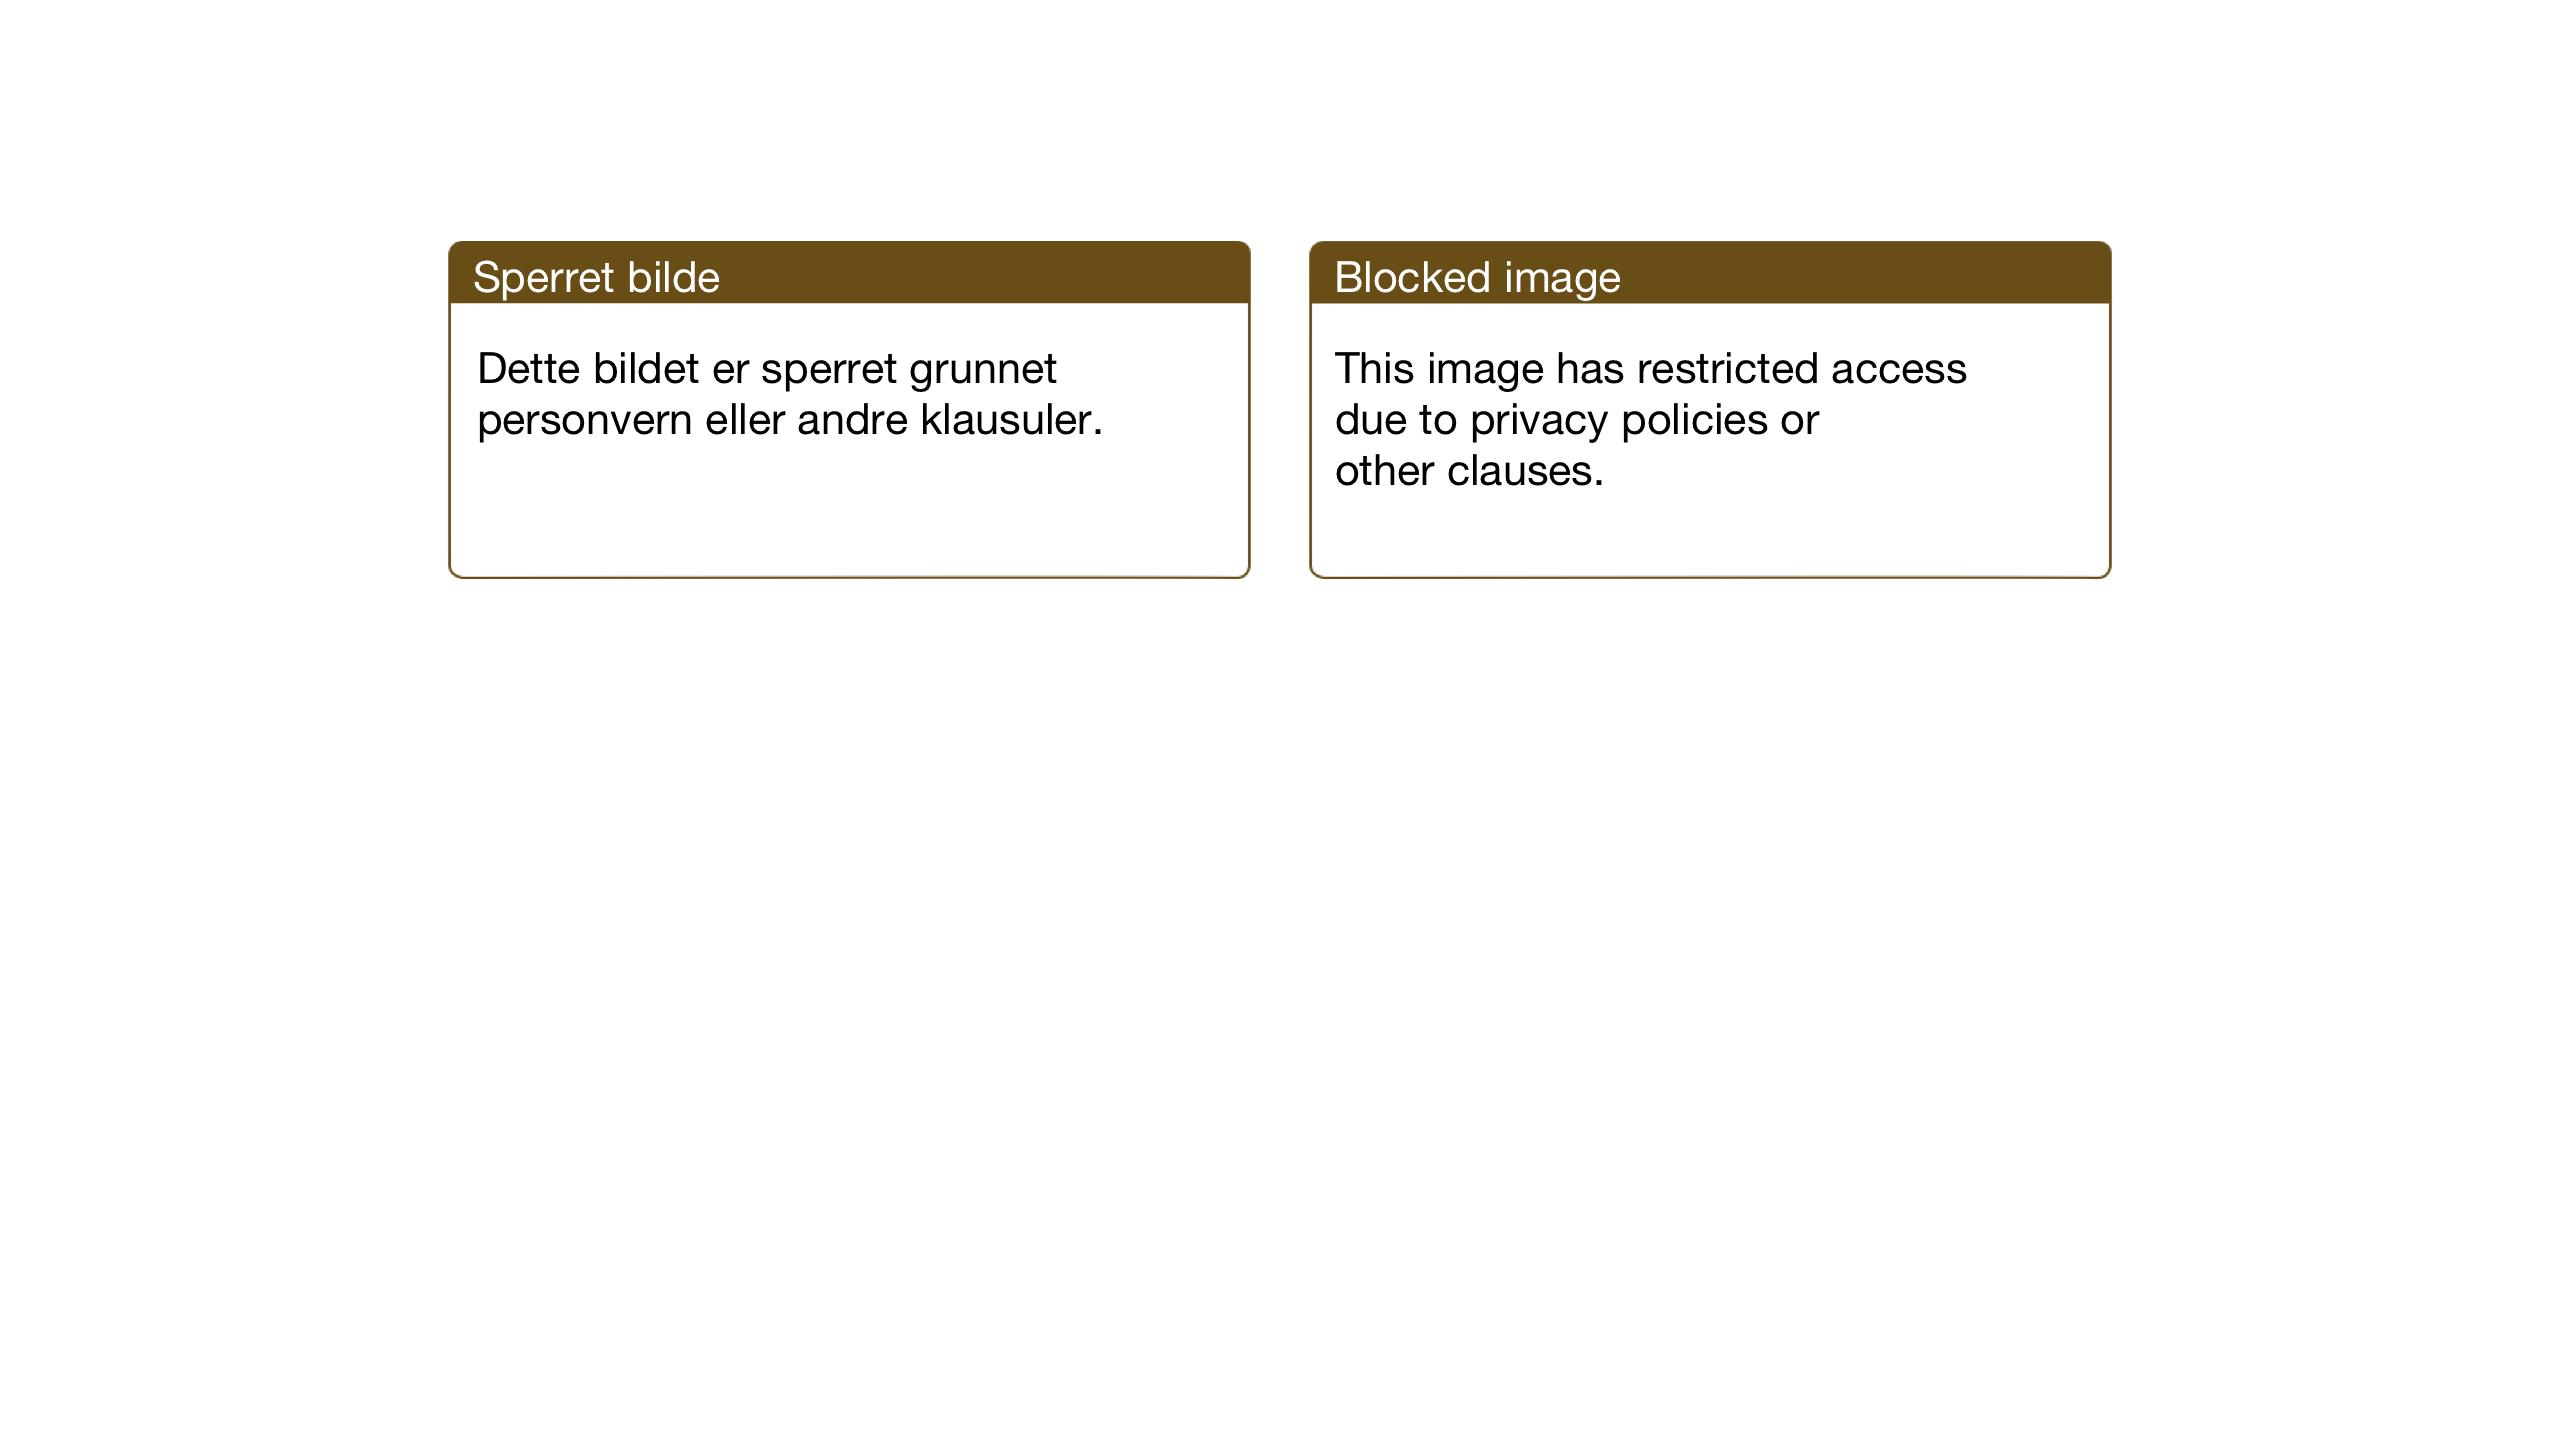 SAT, Ministerialprotokoller, klokkerbøker og fødselsregistre - Nord-Trøndelag, 745/L0434: Klokkerbok nr. 745C03, 1914-1937, s. 51